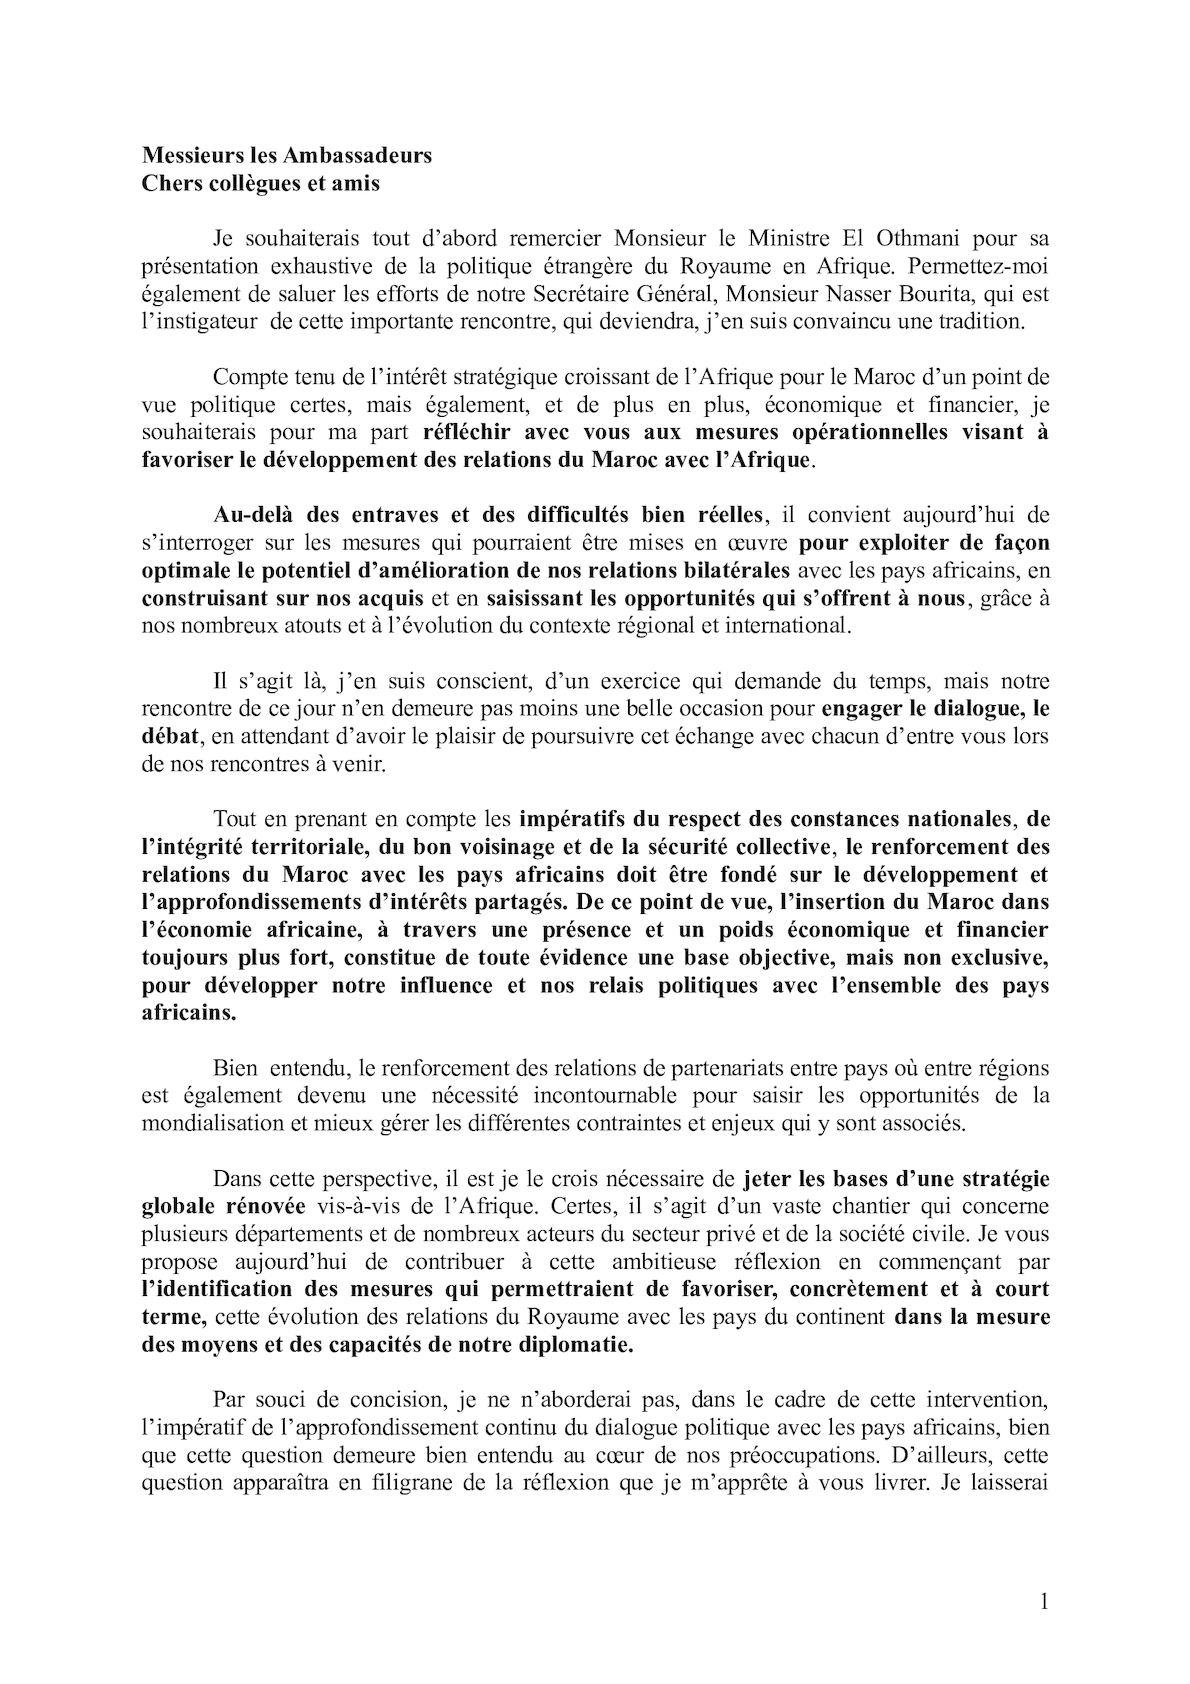 59aebd6ba1fa Calaméo - Discours Ambassadeurs Du Royaume En Afrique Version Finale (2).